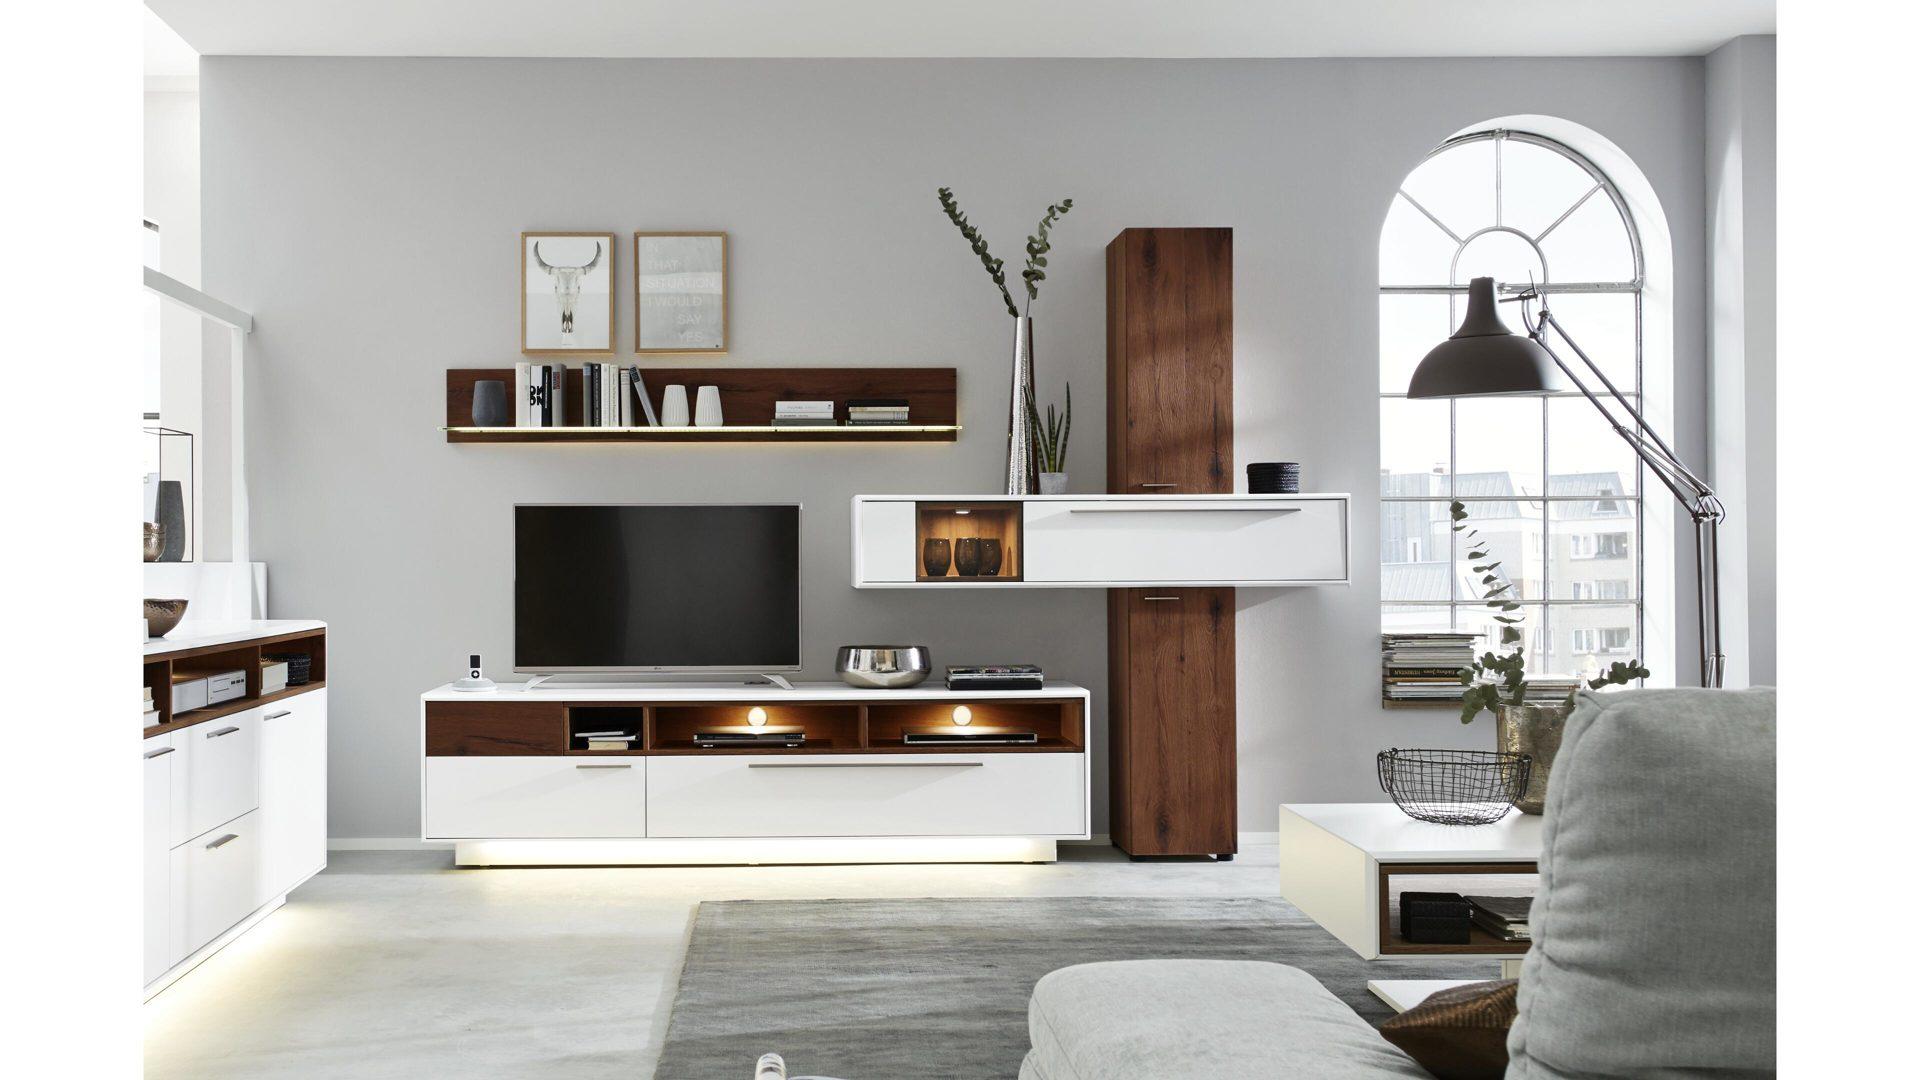 Interliving Wohnzimmer Serie 2102 – Wohnkombination 510801S ...